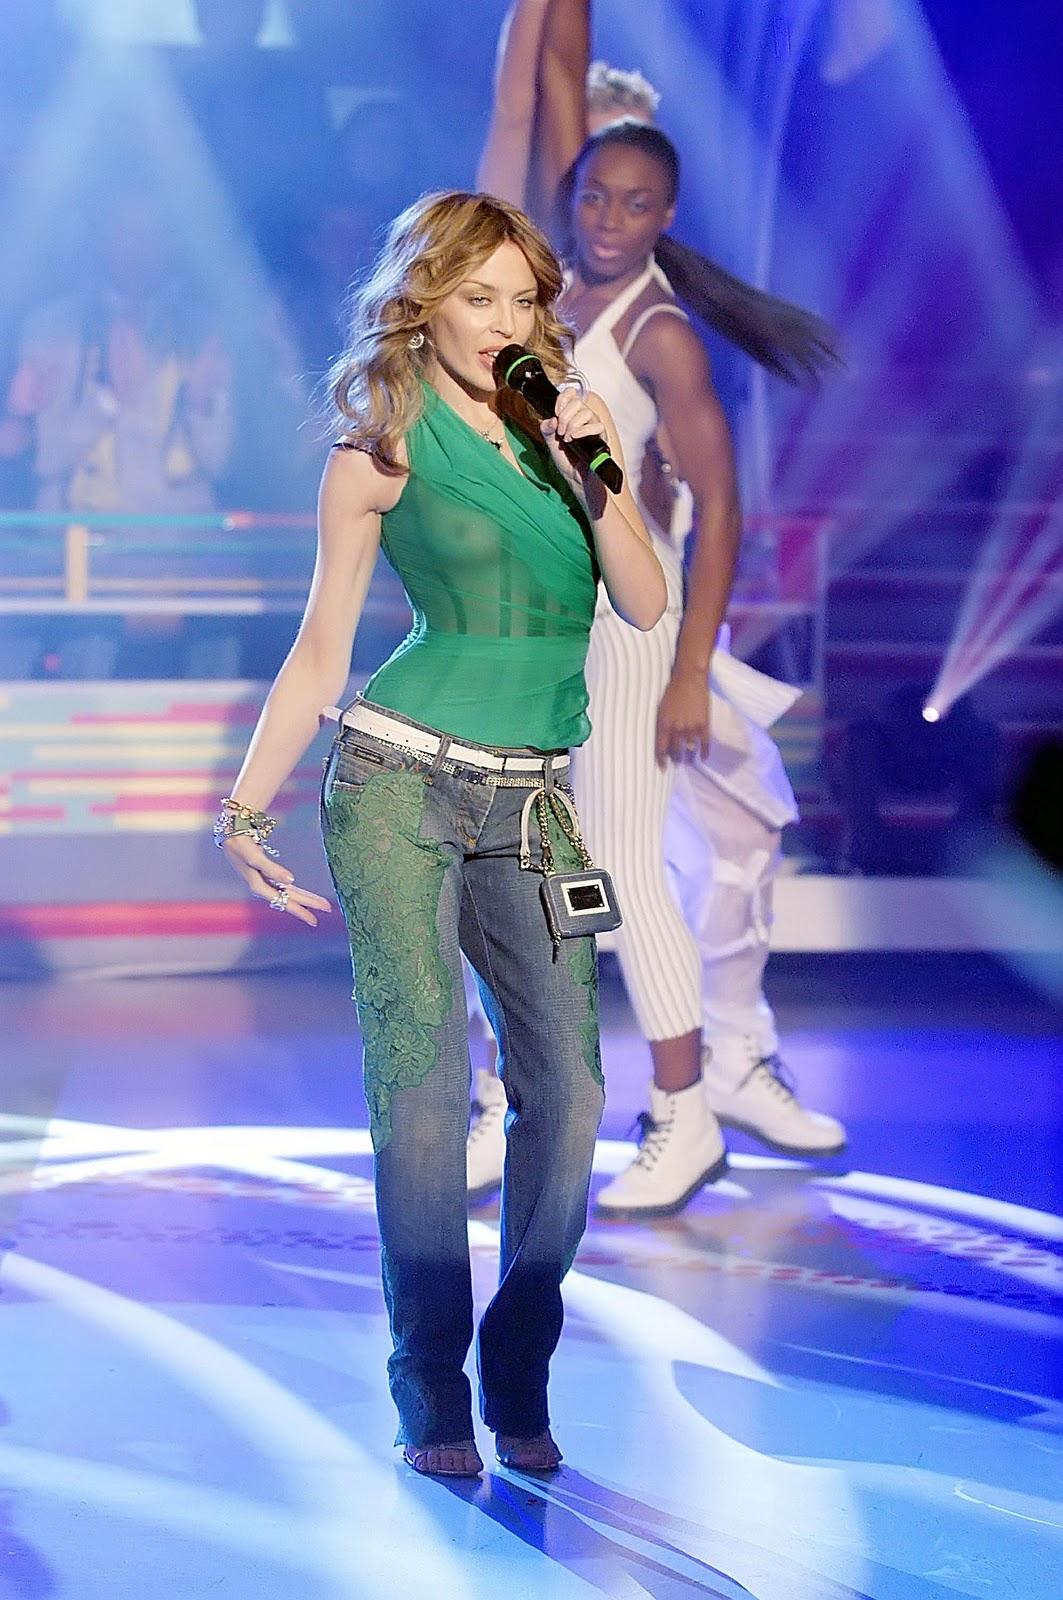 http://3.bp.blogspot.com/-xV9YYqjdqfs/TVXiQ8ZzR8I/AAAAAAAAAL0/PY3Kuew1YIc/s1600/Kylie+Minogue+See-Through+Boobie+Revealing+Green+Top+www.blogywoodbabes.blogspot.com+002.jpg